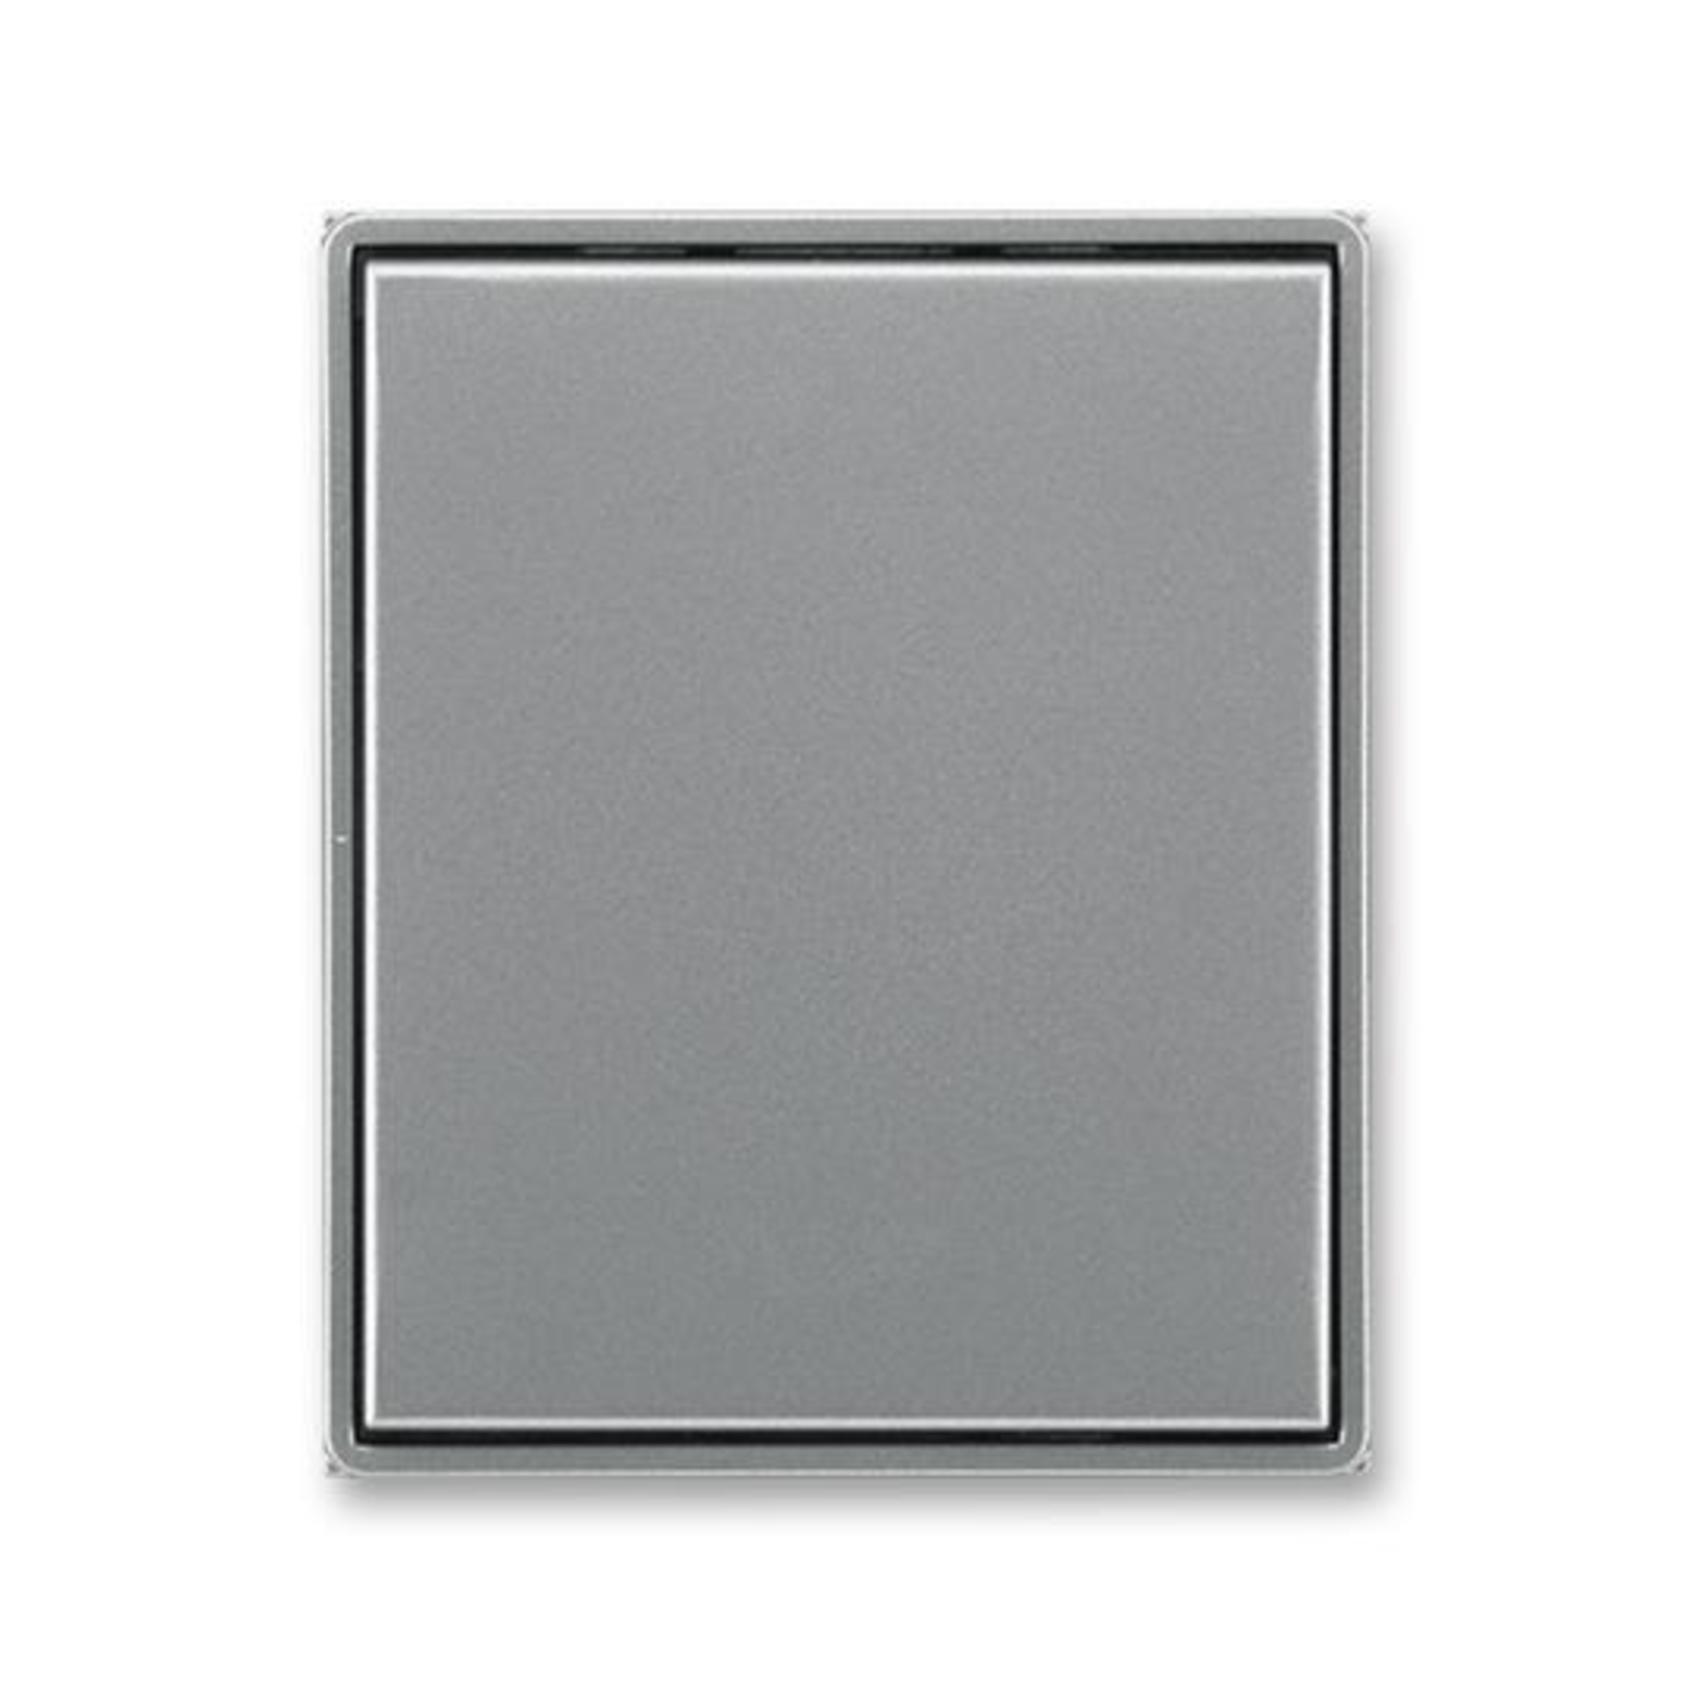 ABB 3299E-A00100 36 Time Kryt stmívače s krátkocestným ovládáním